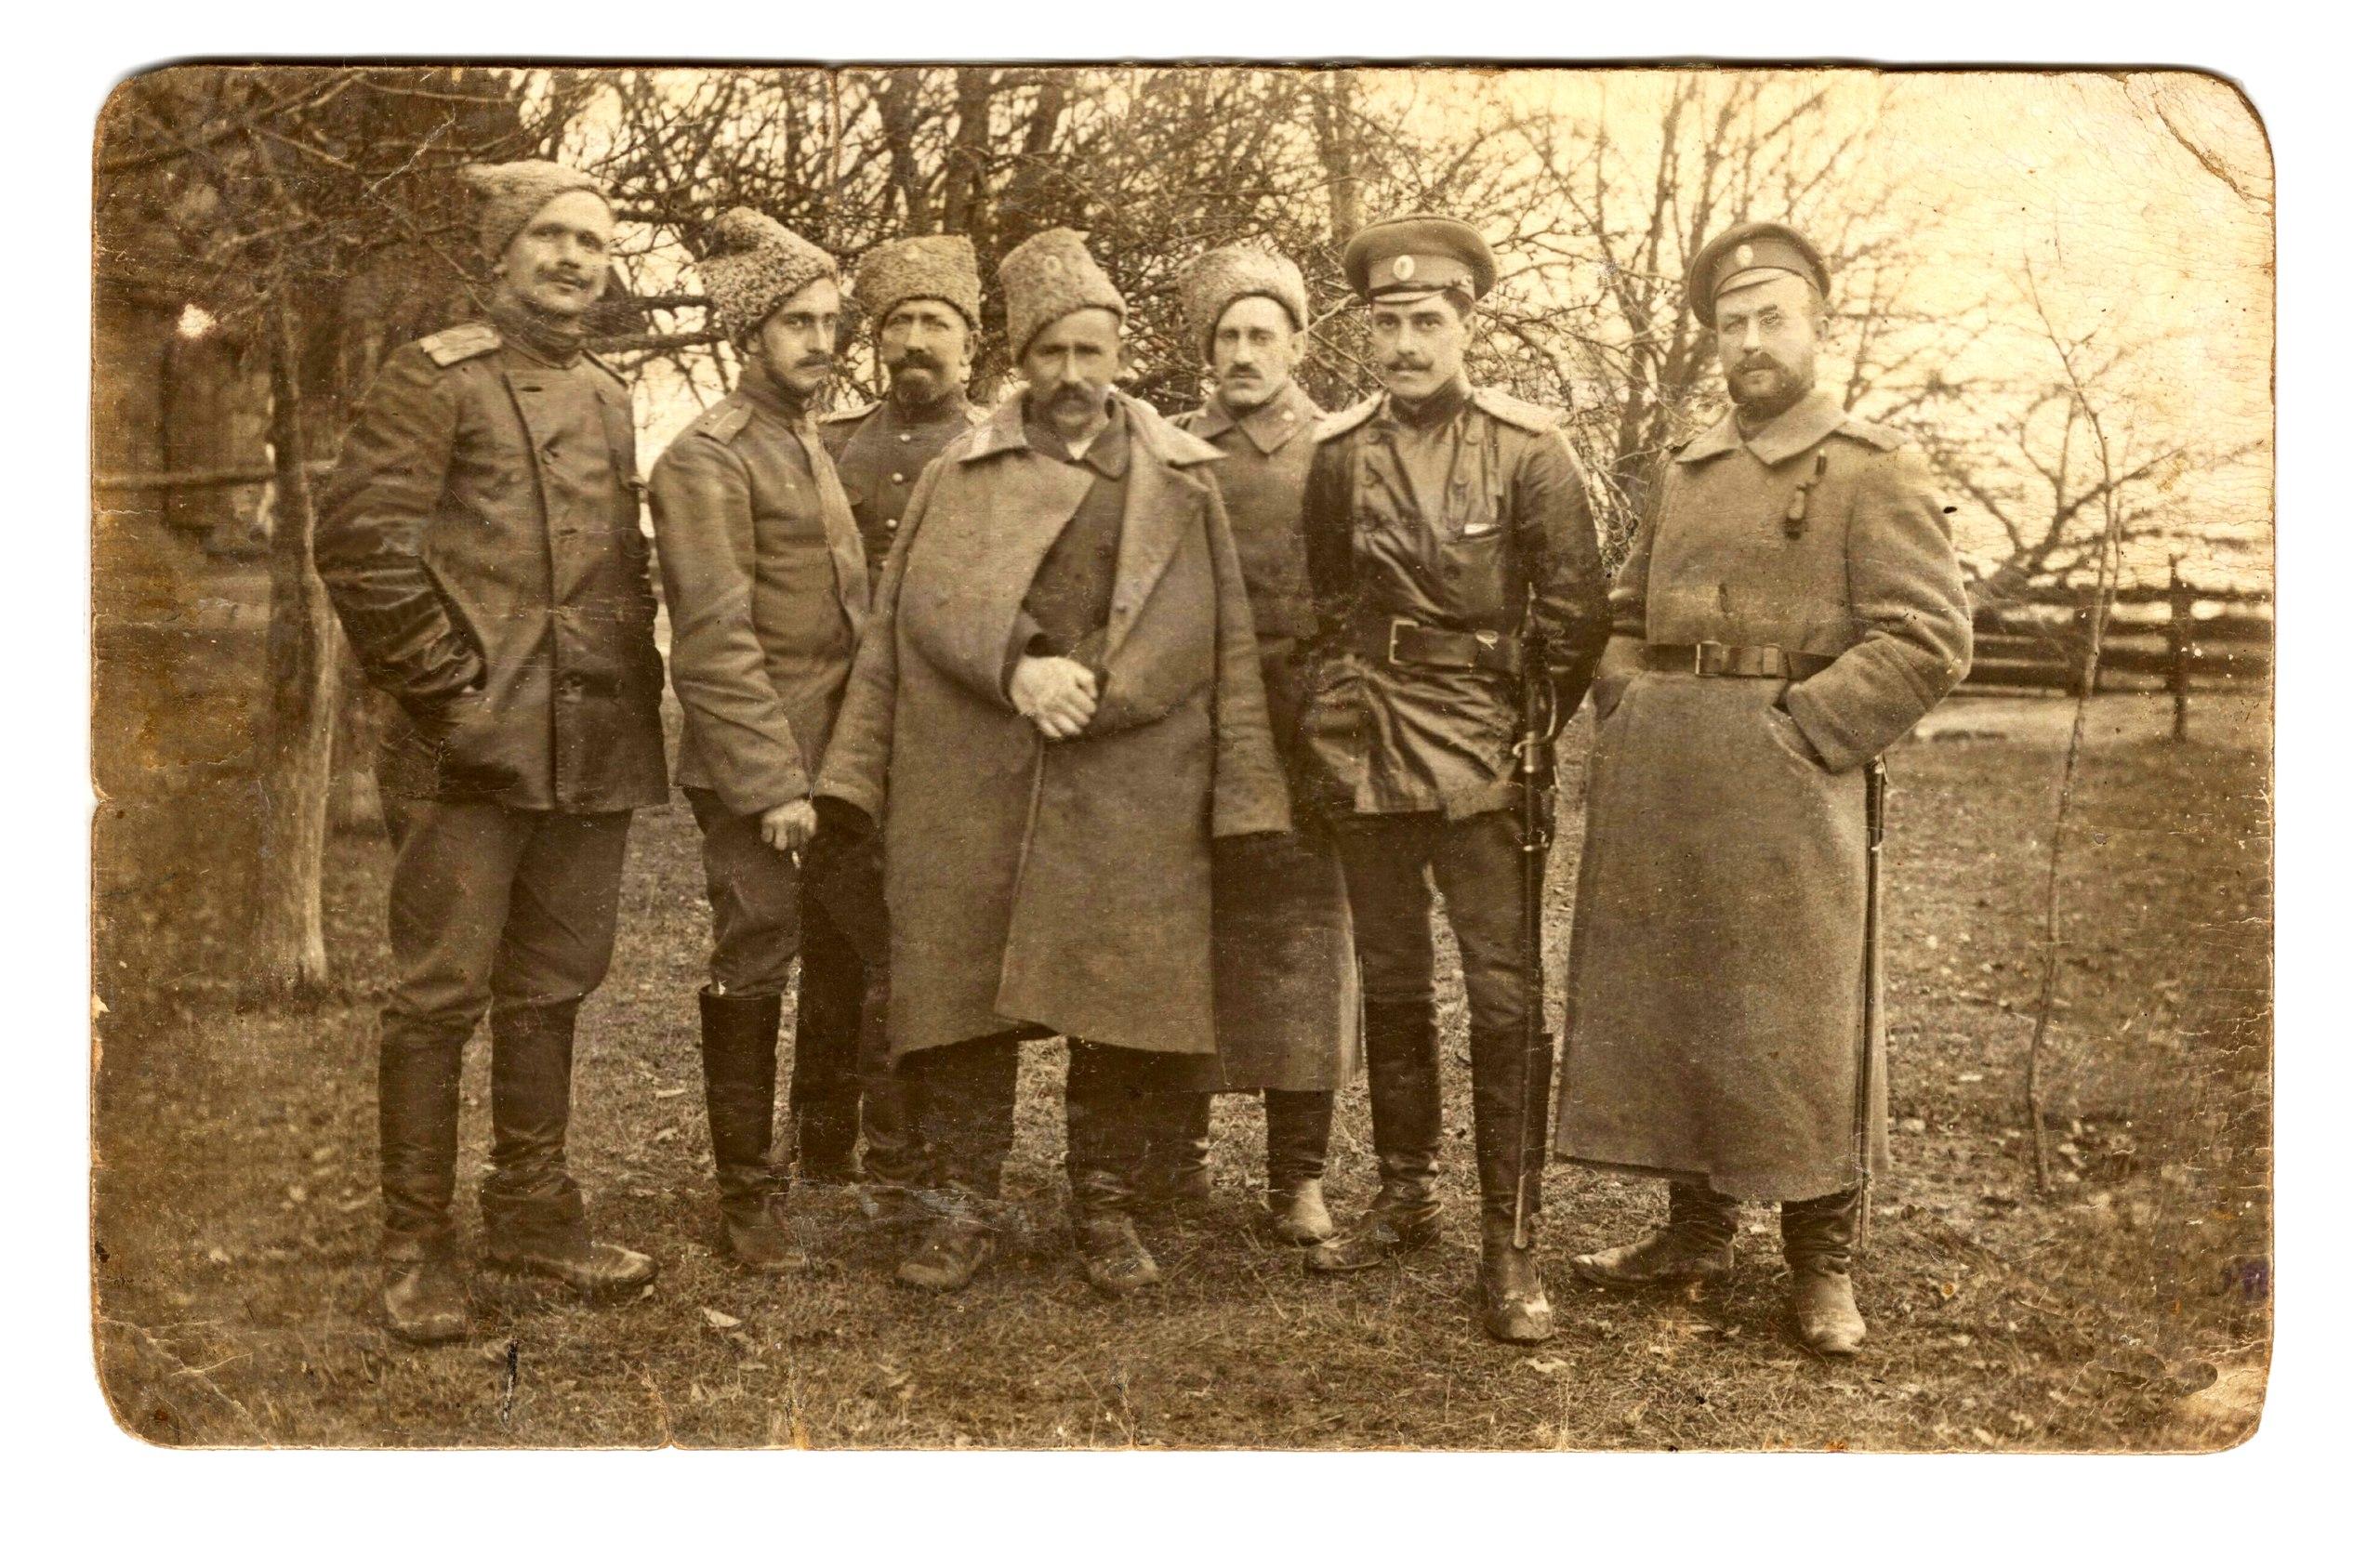 Группа_офицеров_87-го_пех._Нейшлотского_полка,_13.02.1915.jpg